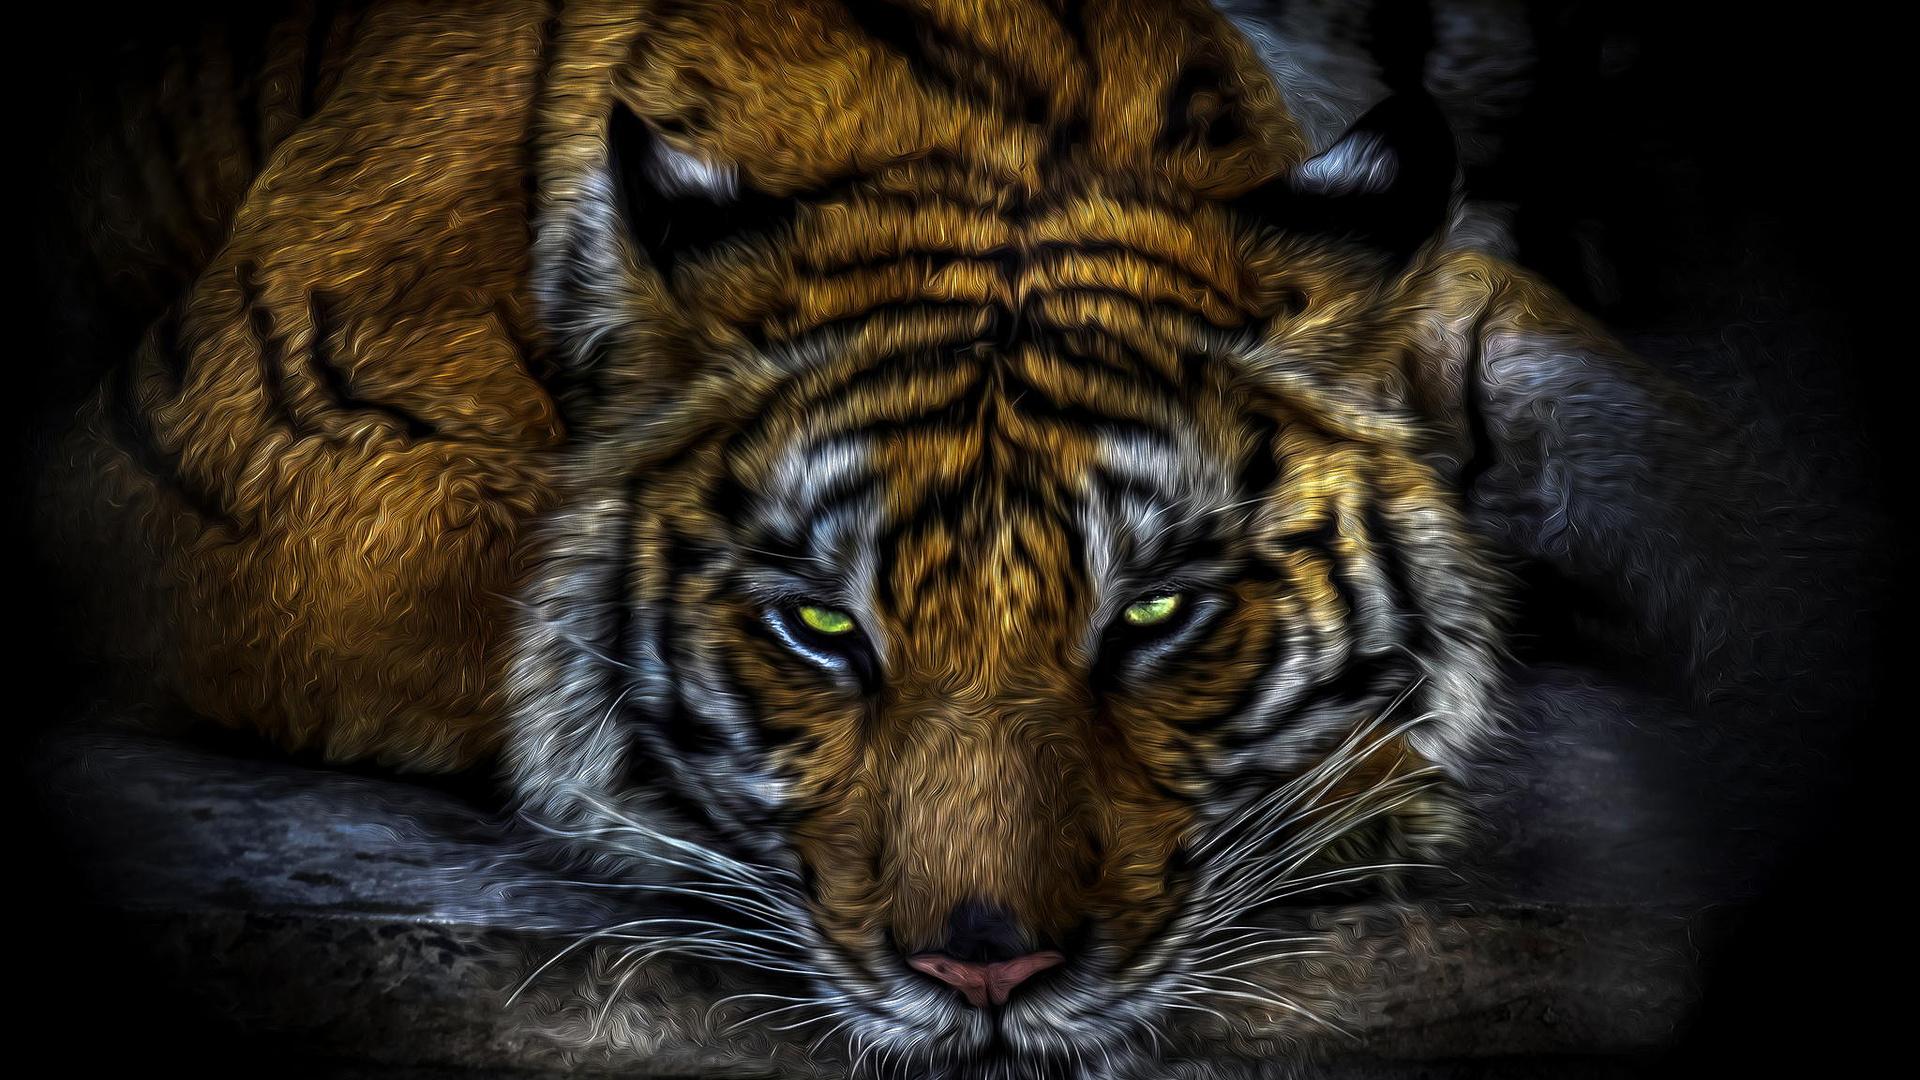 Картинки зверей хищников на заставку